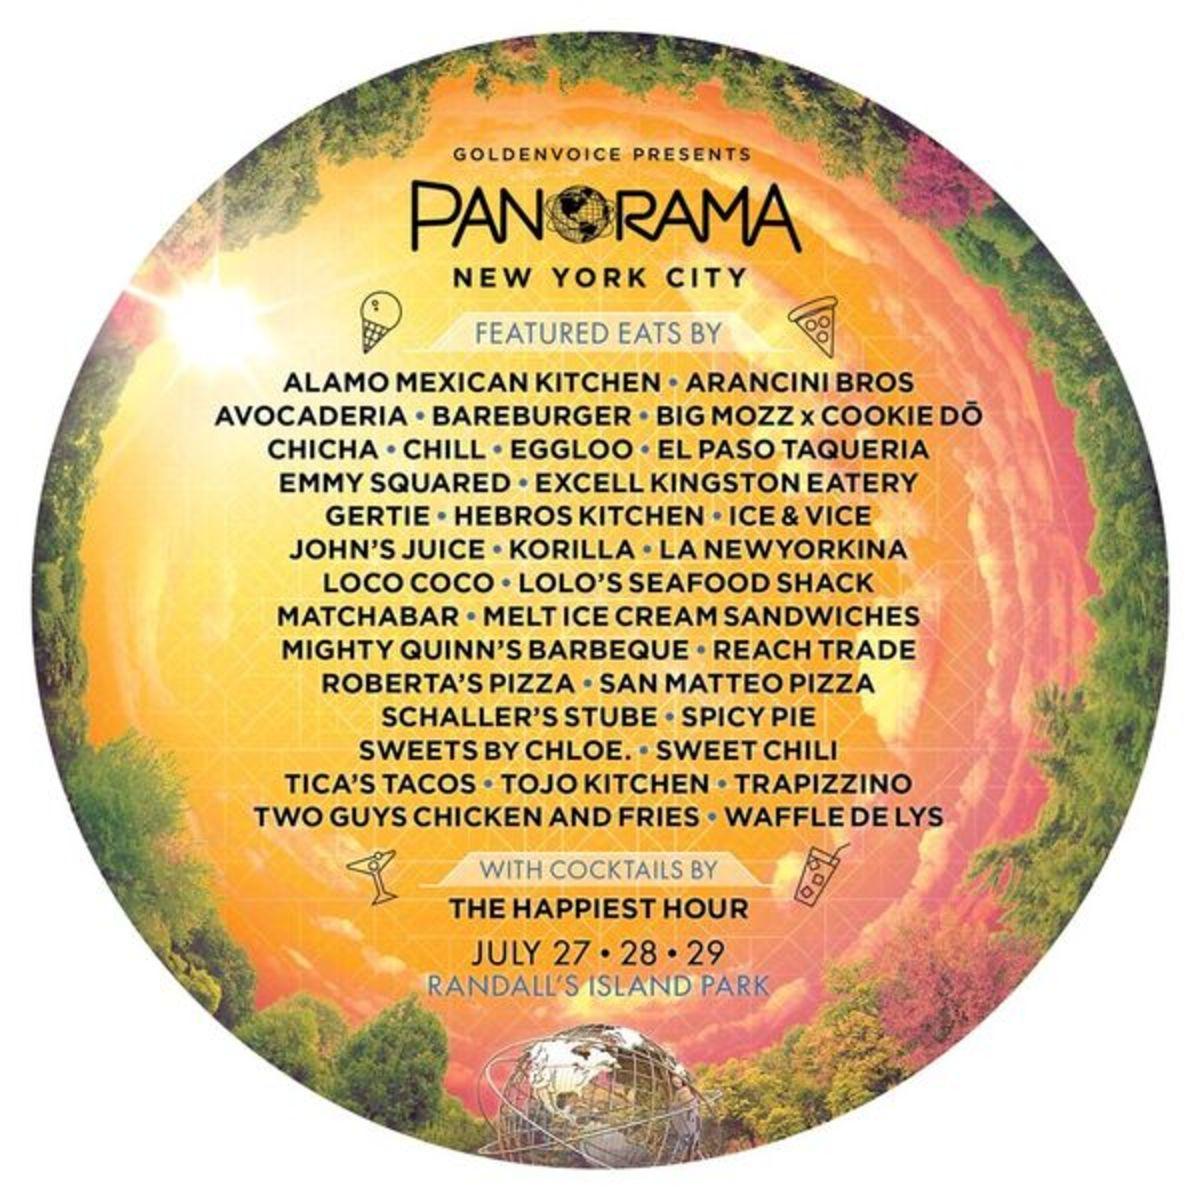 Panorama 2018 Food lineup